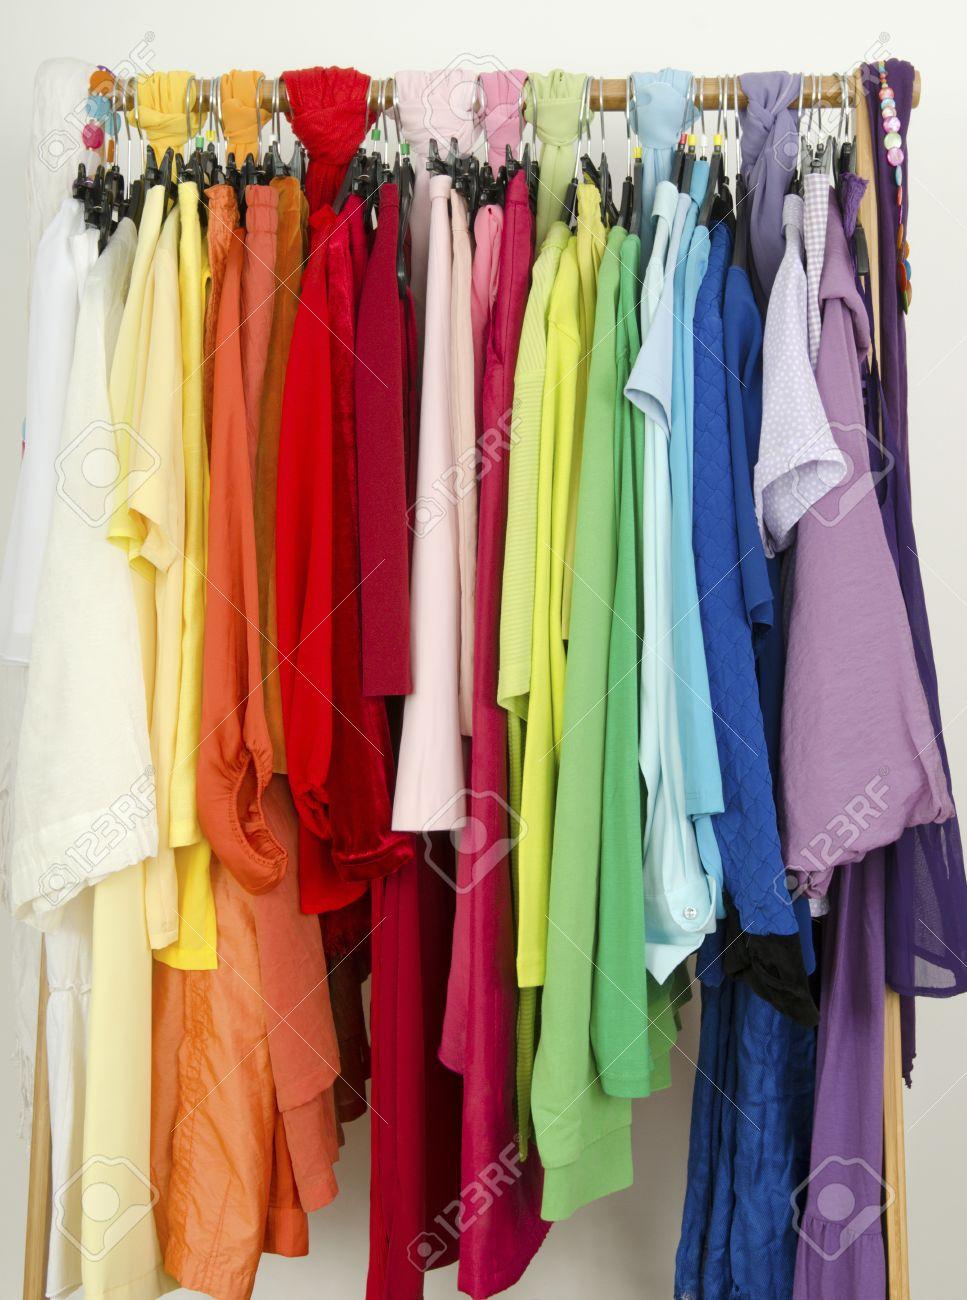 Bildergebnis für Bilder zu Farben und Kleider